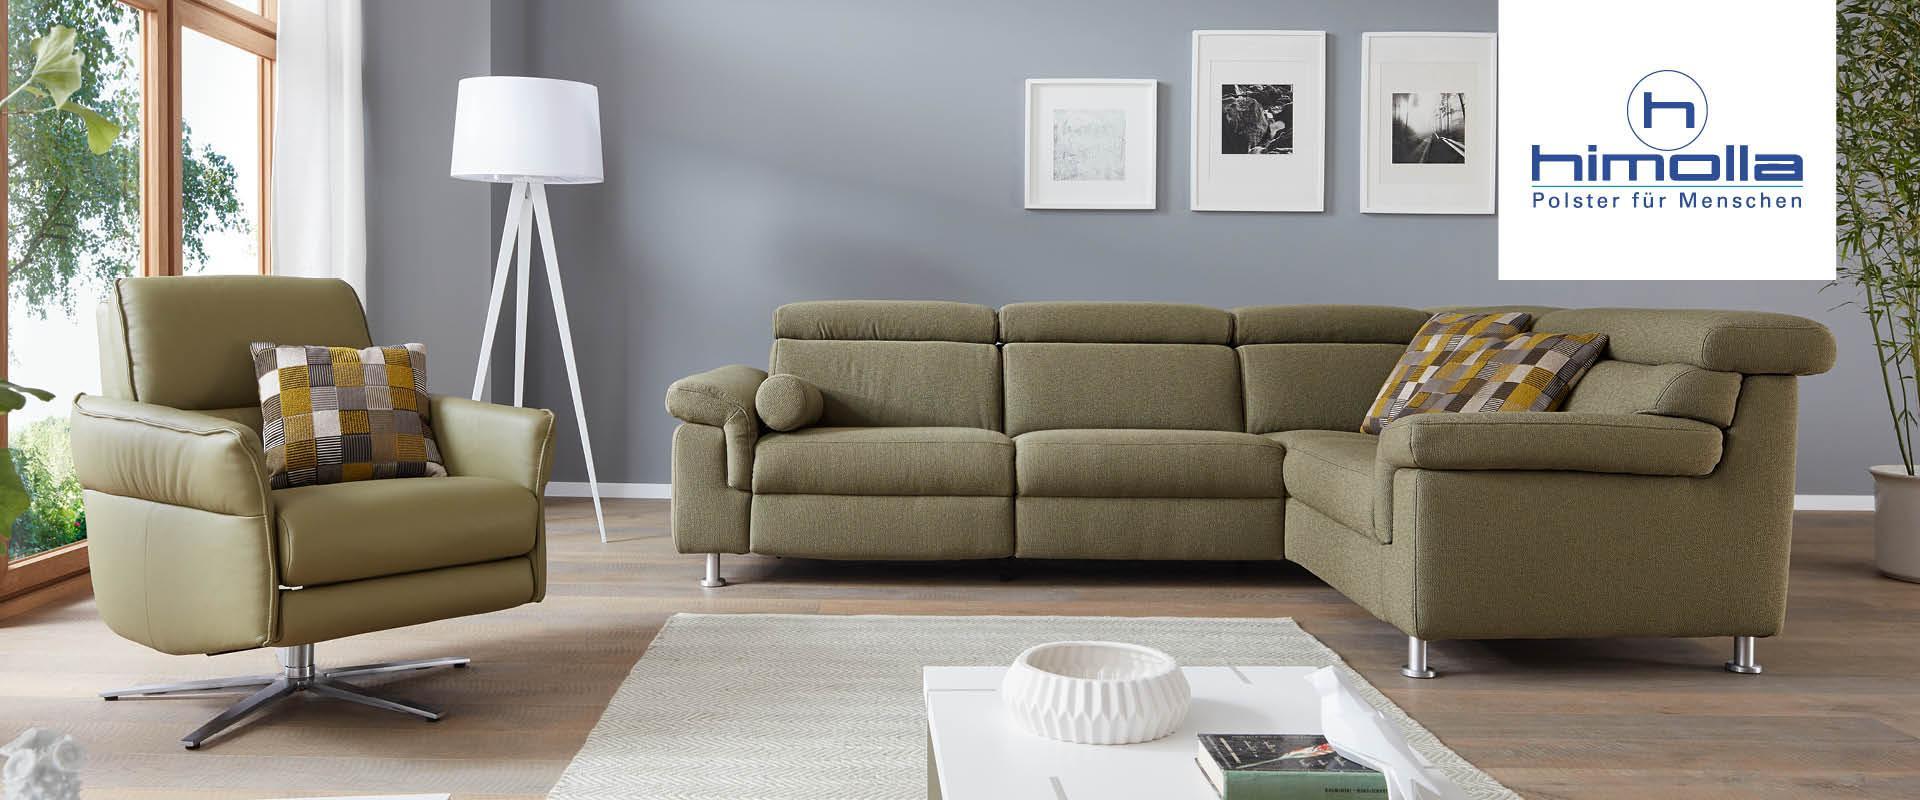 Himolla Sofa Preise